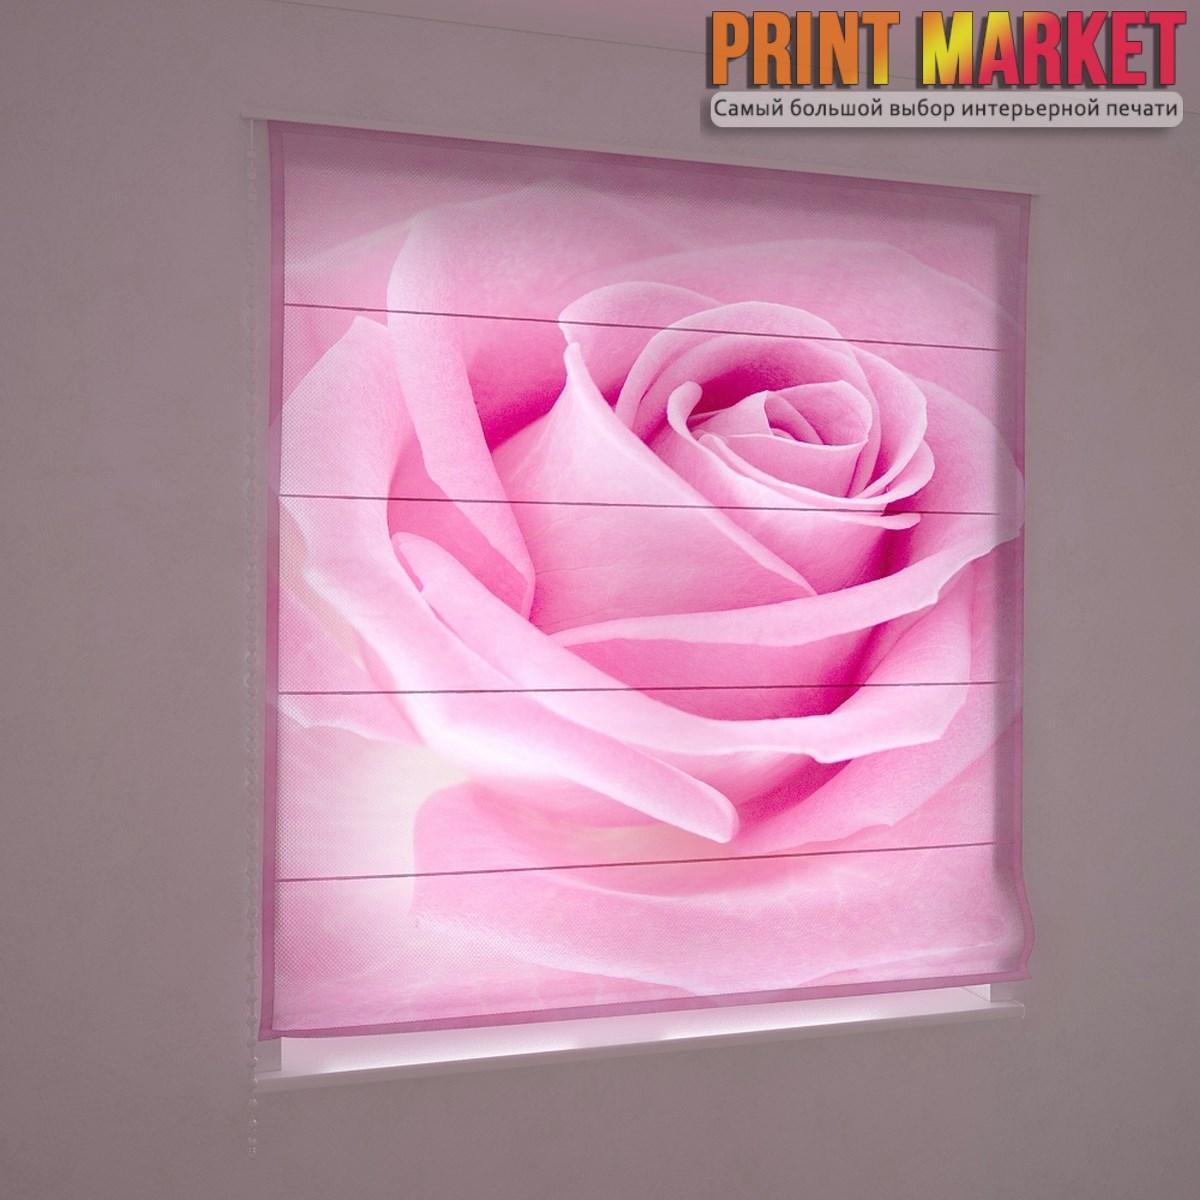 Фотошторы римские макро розовая роза